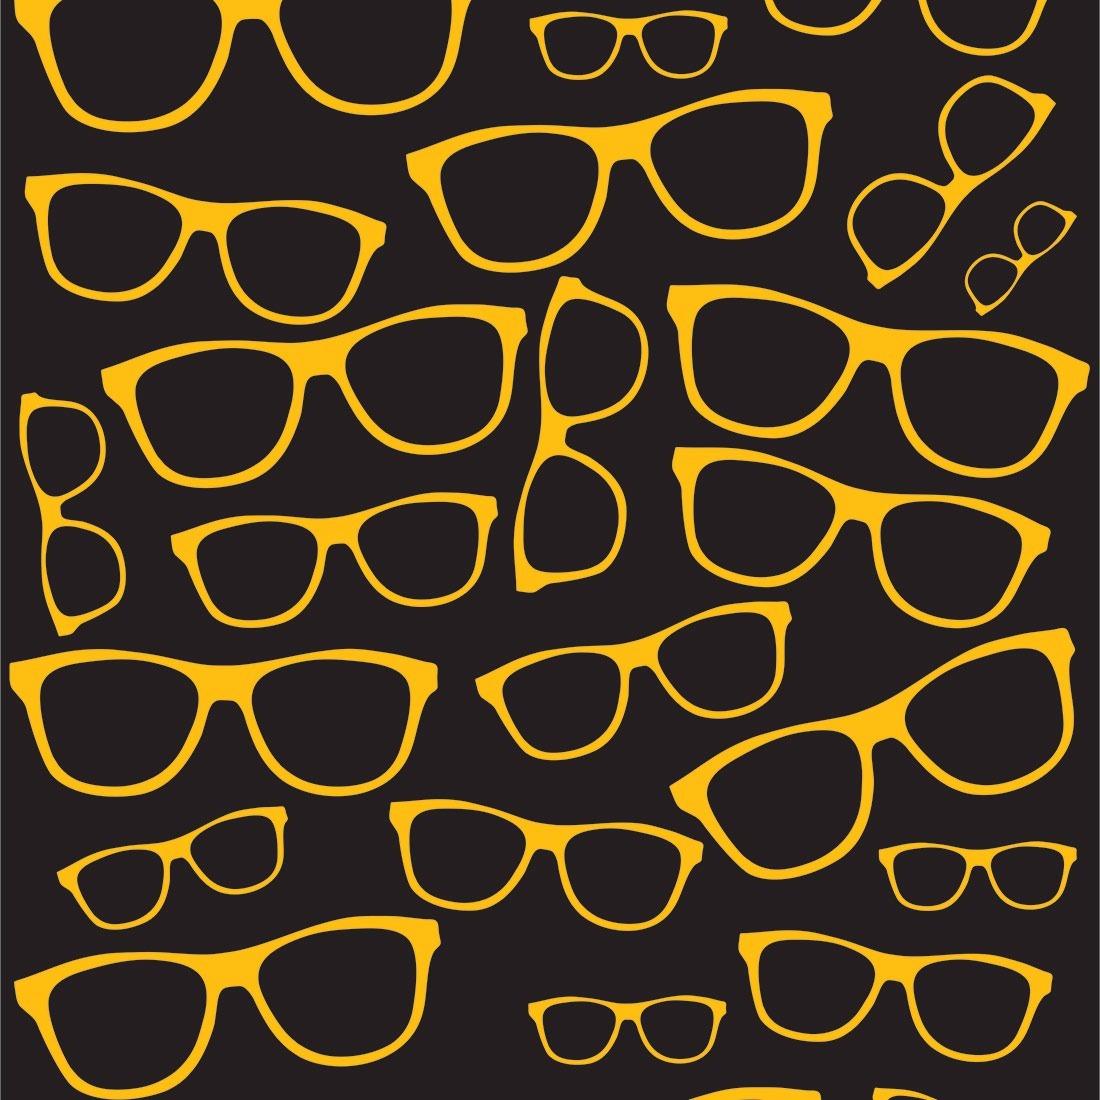 Papel De Parede Óculos Amarelo Fundo Preto Lavável 310x58cm - R  49,90 em  Mercado Livre a03ddf5215